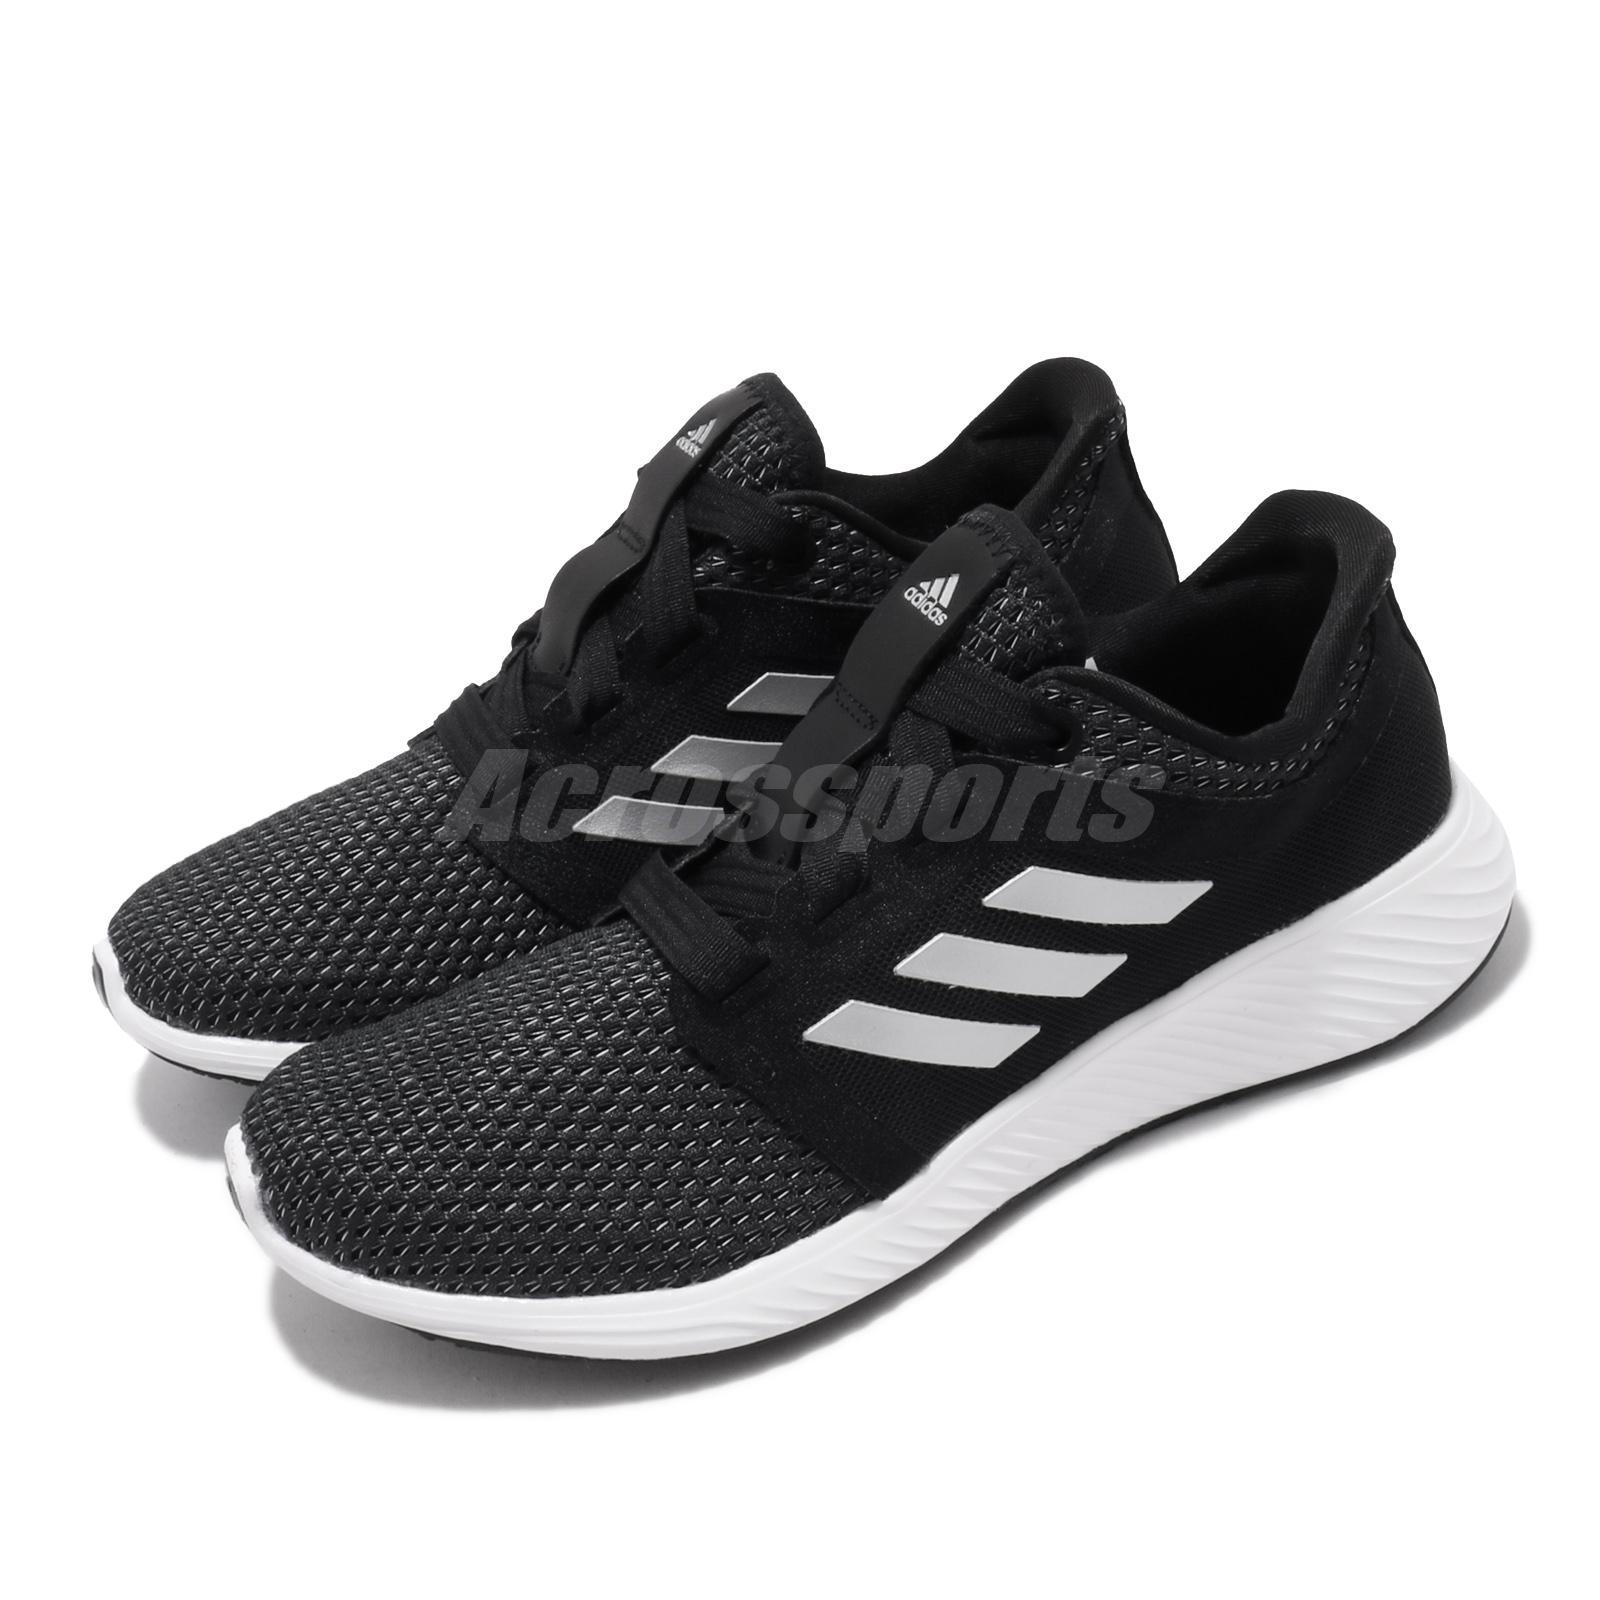 adidas Edge Lux 3 W Black Silver White